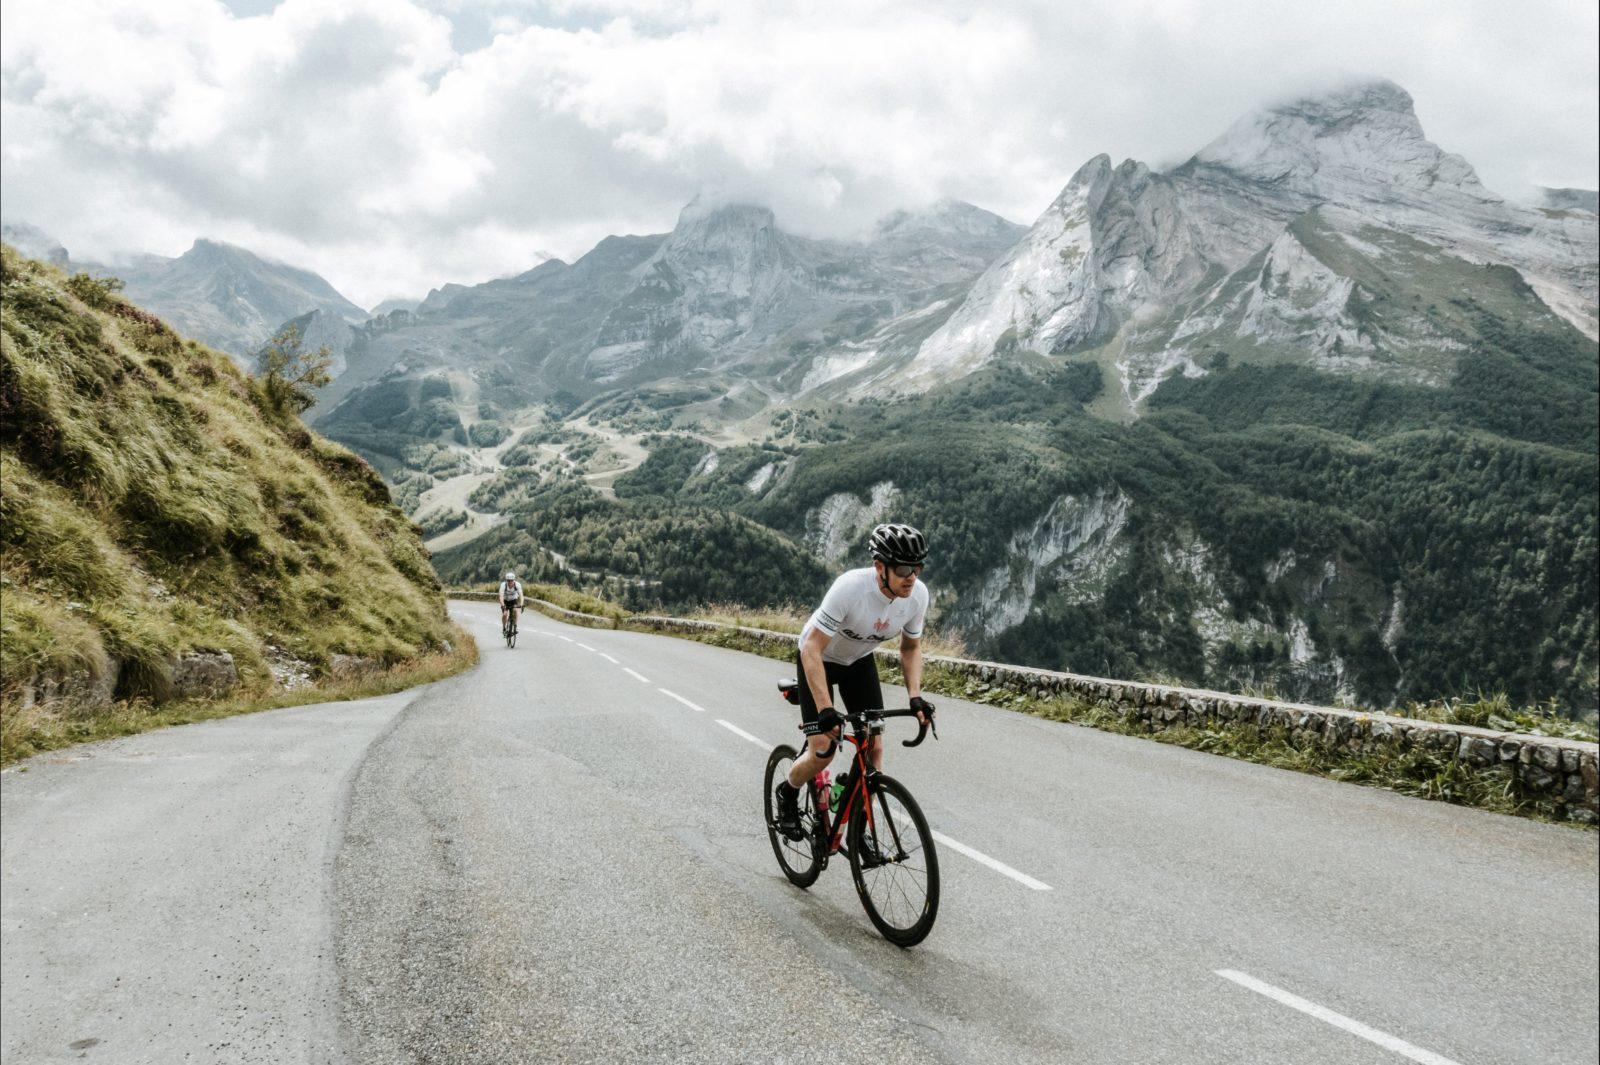 Hannibal Bike Tour Europe